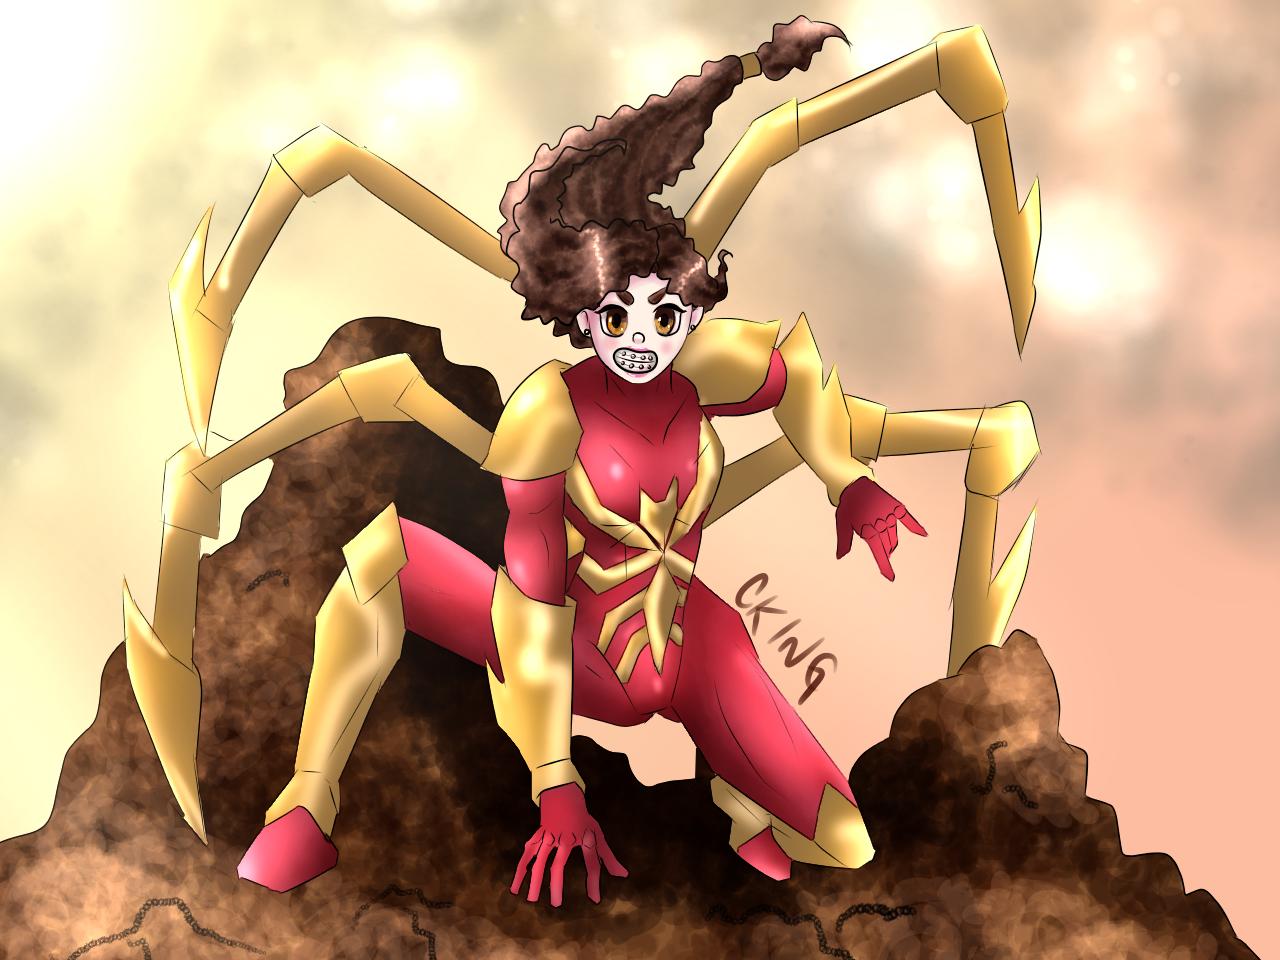 Spider Gabriex